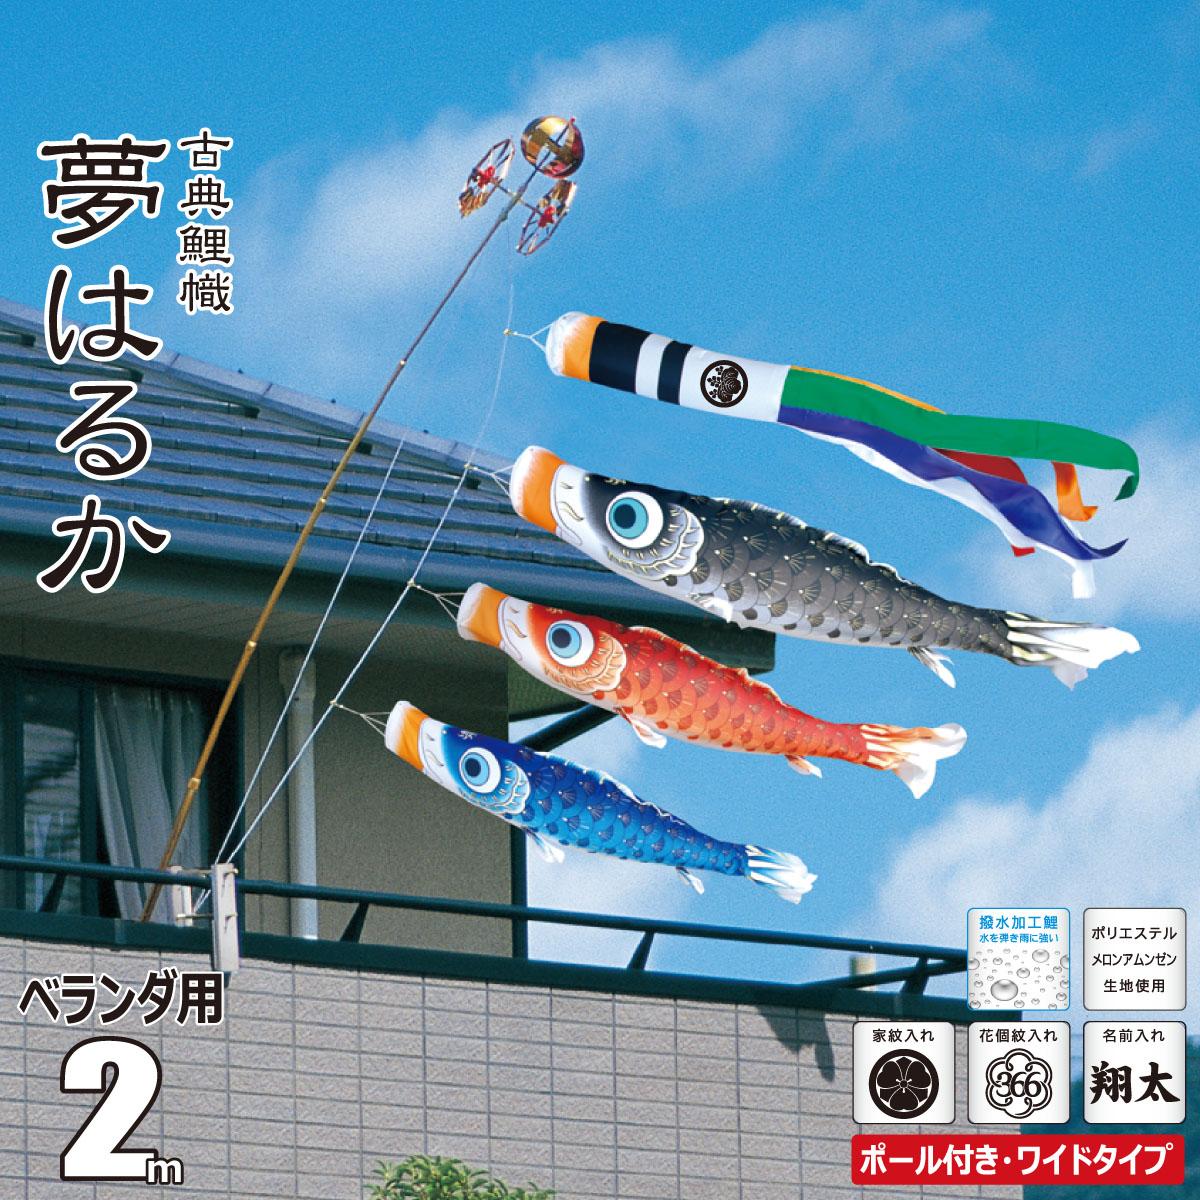 こいのぼり 2m 夢はるか (矢車、ロープ、吹流し、鯉3匹) ベランダ用 スーパーロイヤルセット (ベランダ用 取付金具付き) 徳永鯉のぼり KIT-121-340